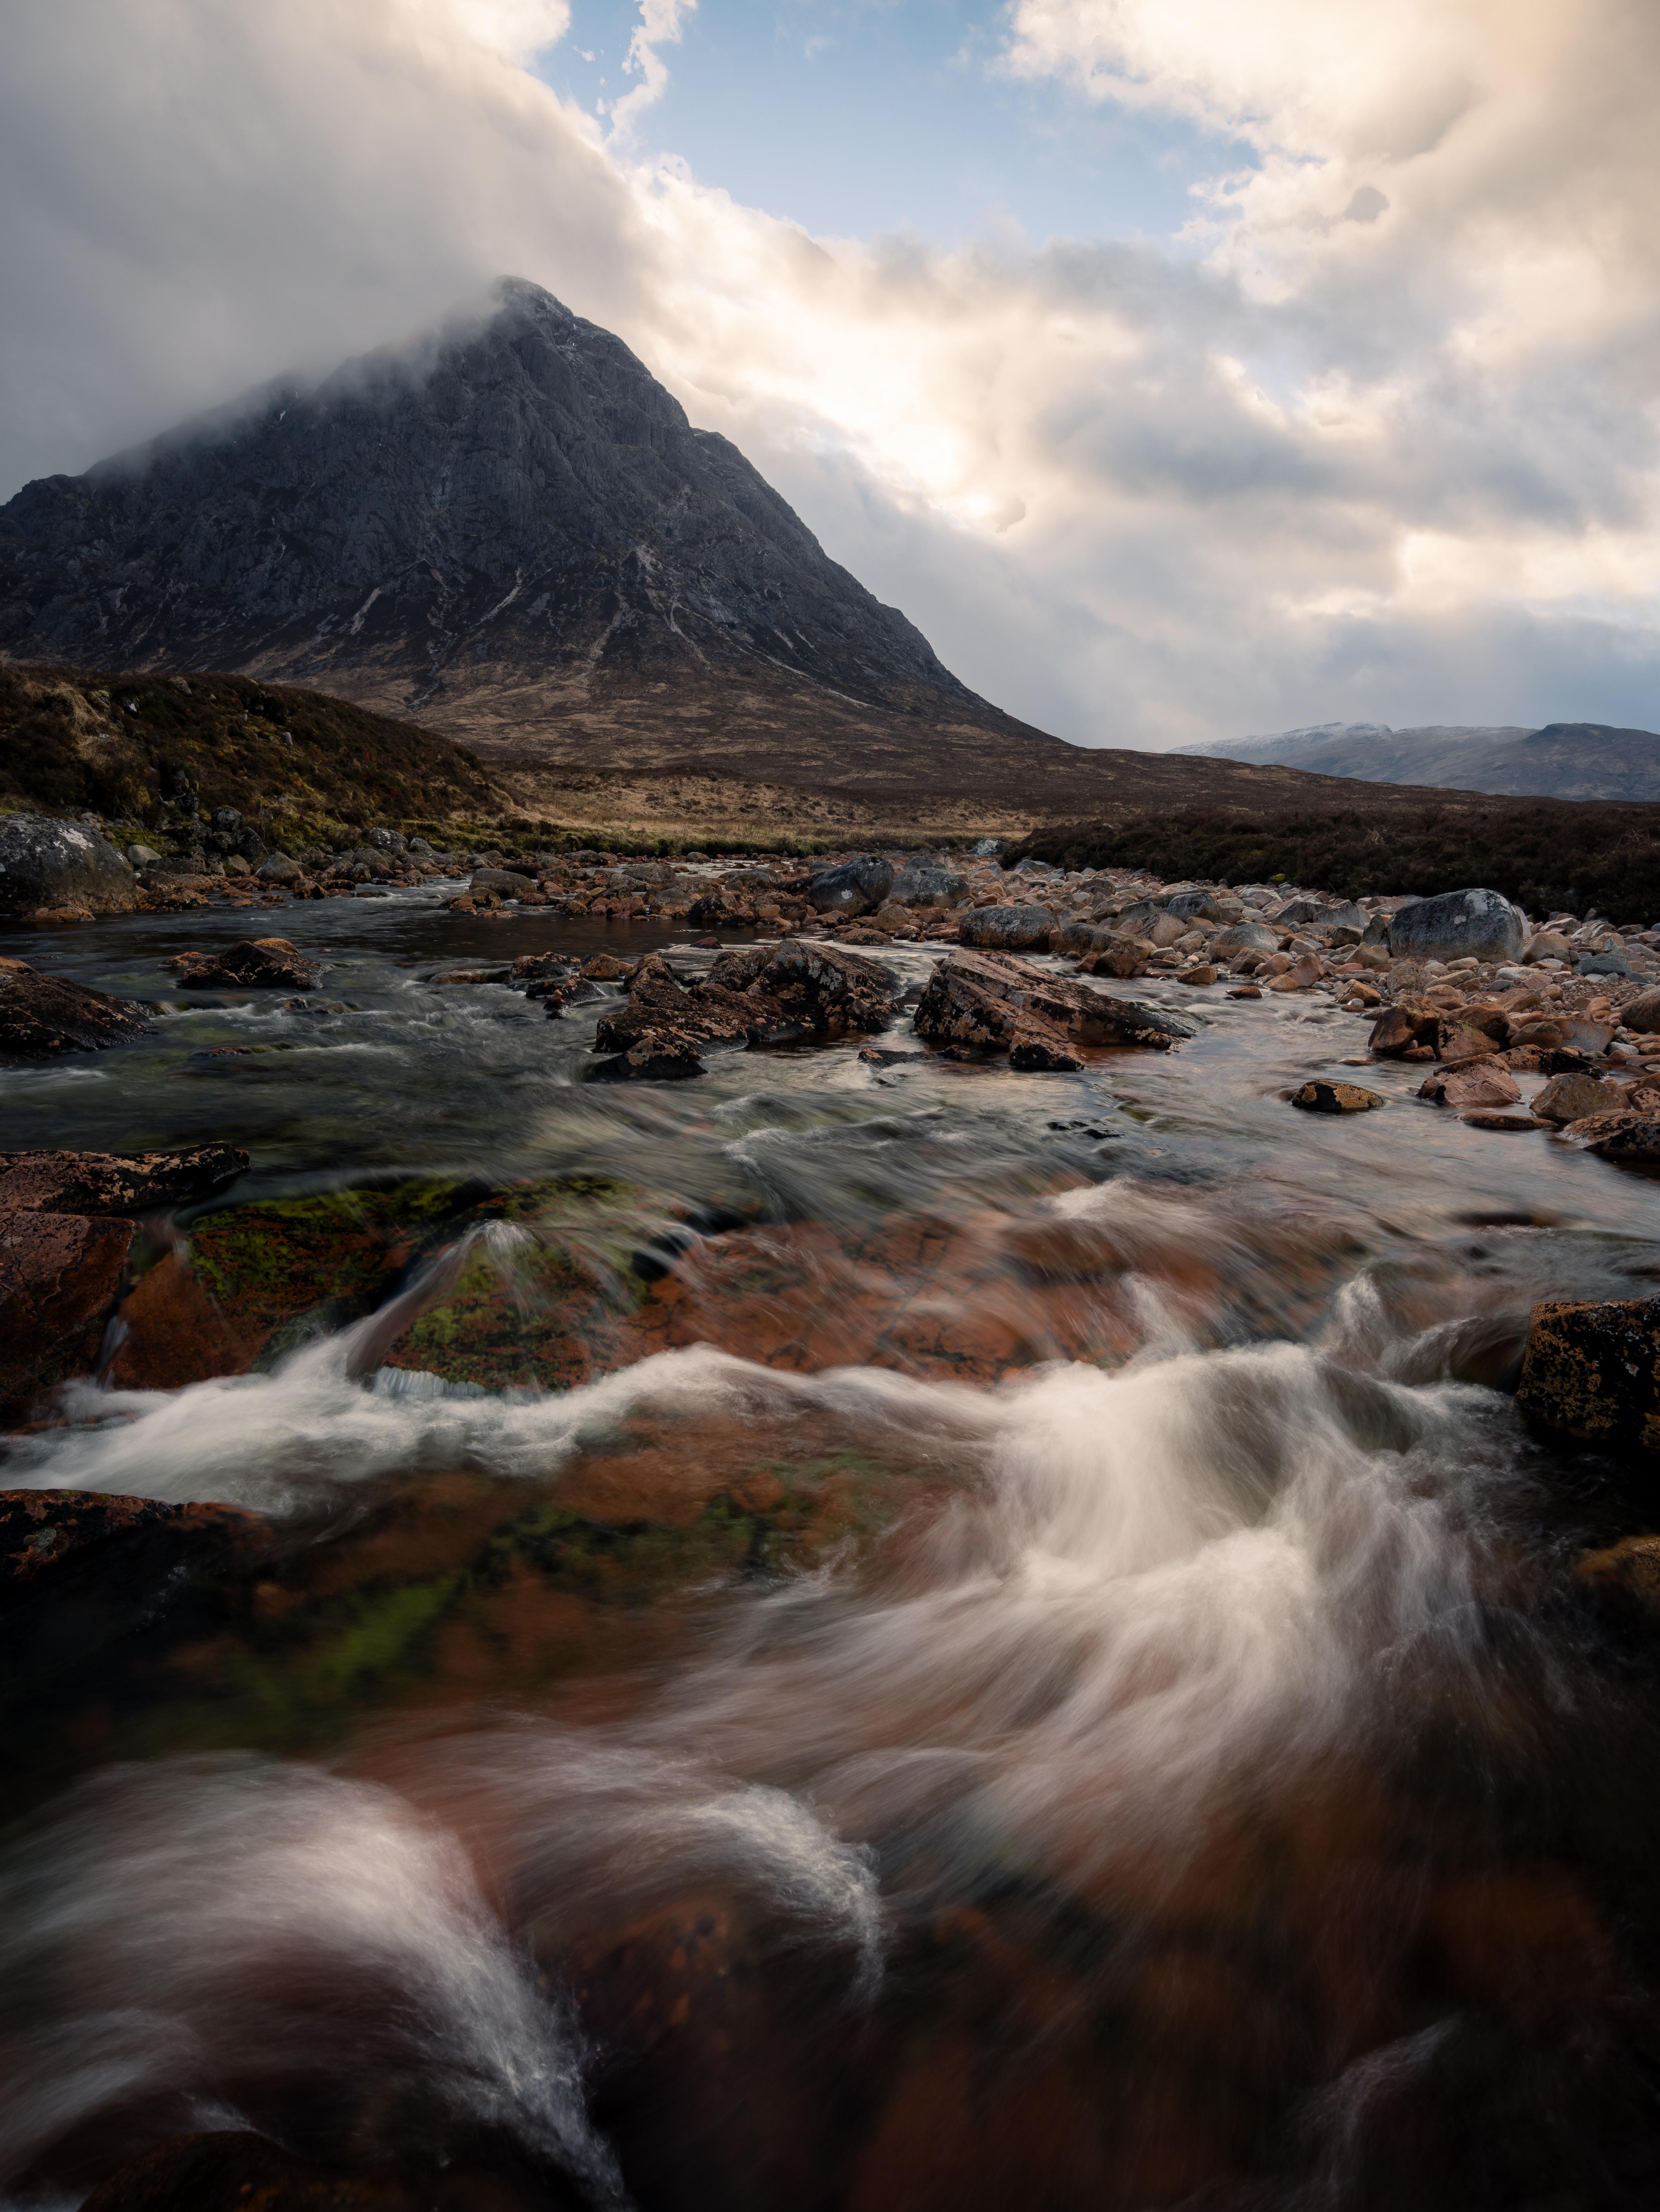 raging water through mountain